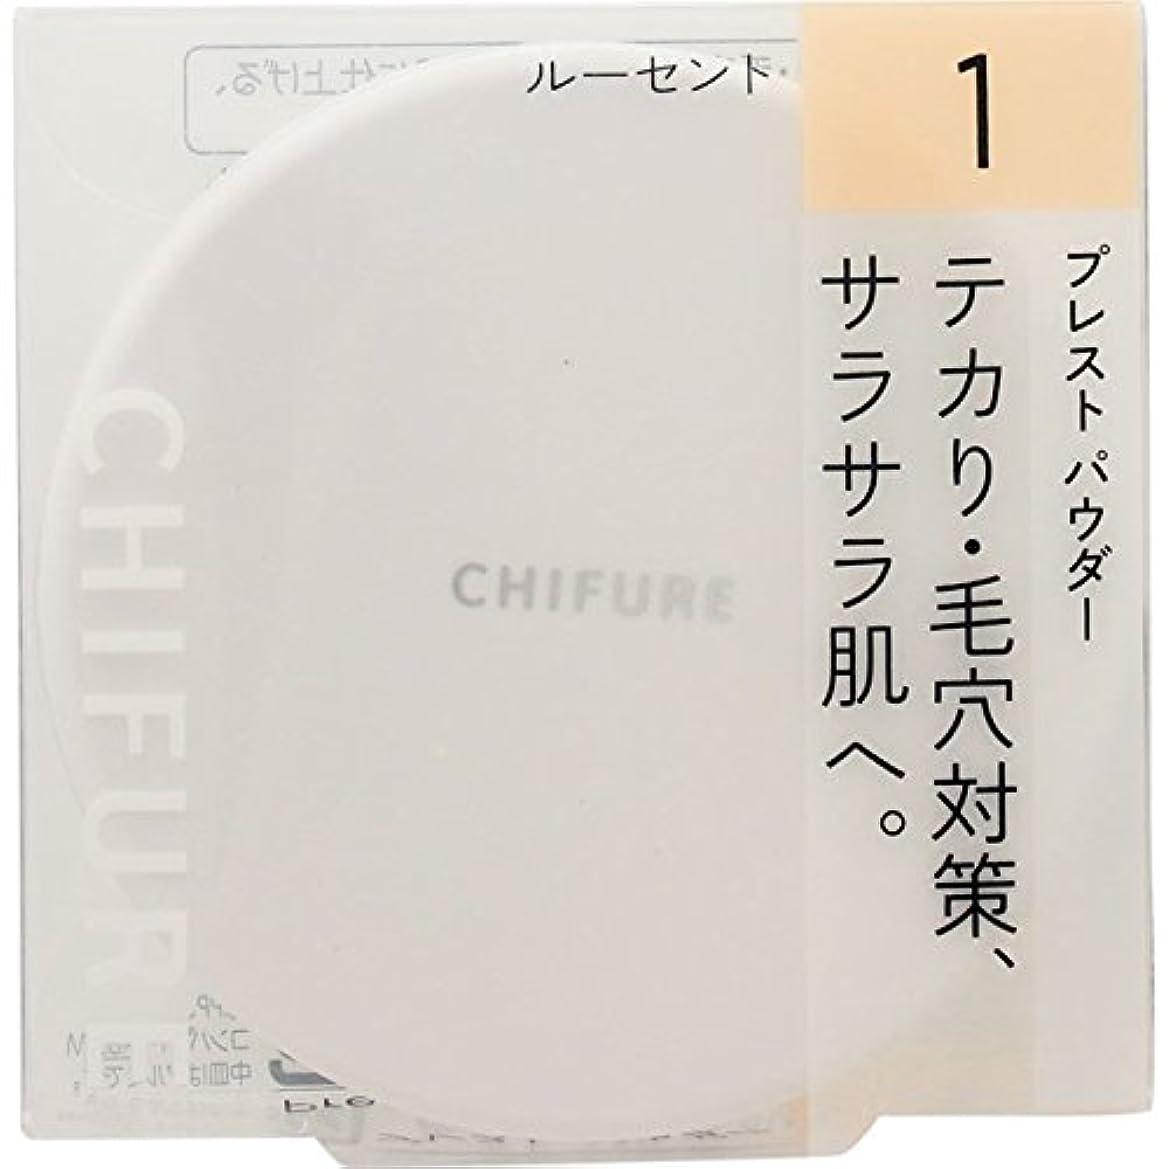 玉ねぎドループしがみつくちふれ化粧品 ちふれ プレストパウダーS 1 プレストパウダーS1